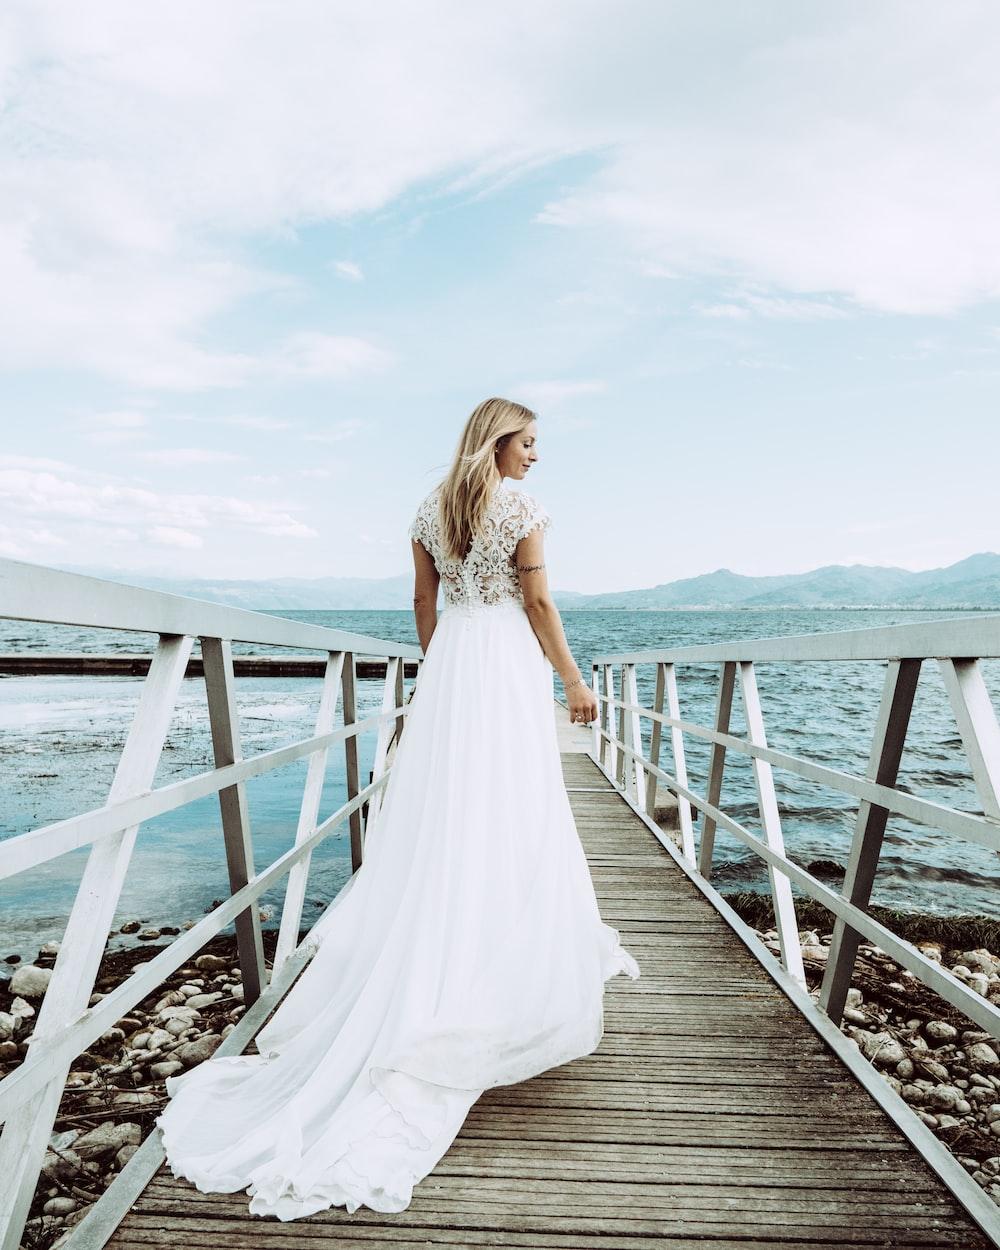 woman in white dress standing on dock bridge near seashore